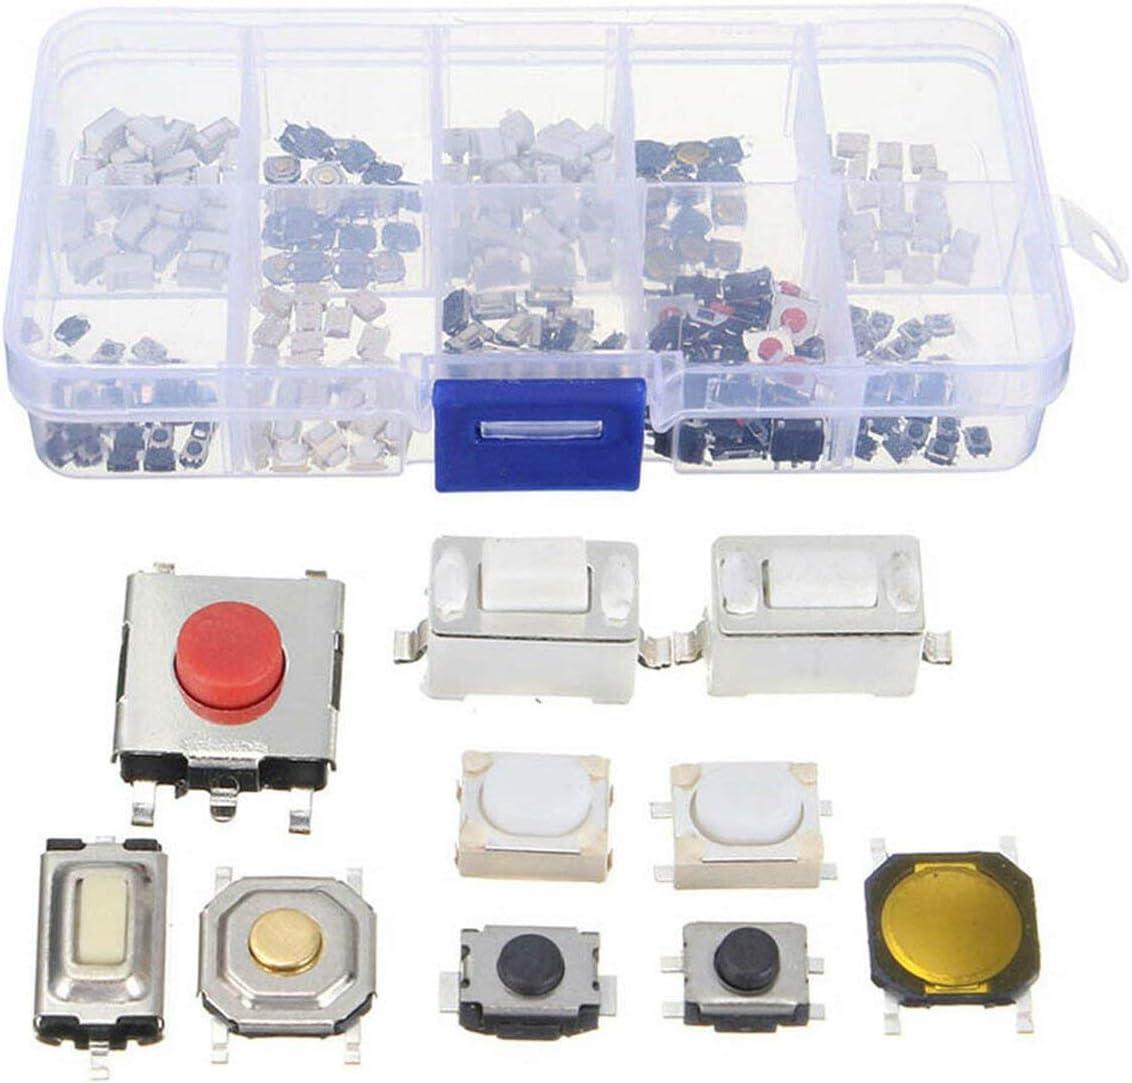 Noradtjcca Auto Fernbedienung knopfschalter kit 10 Arten taktile Taster Touch Schalter fernschl/üssel Taste mikroschalter